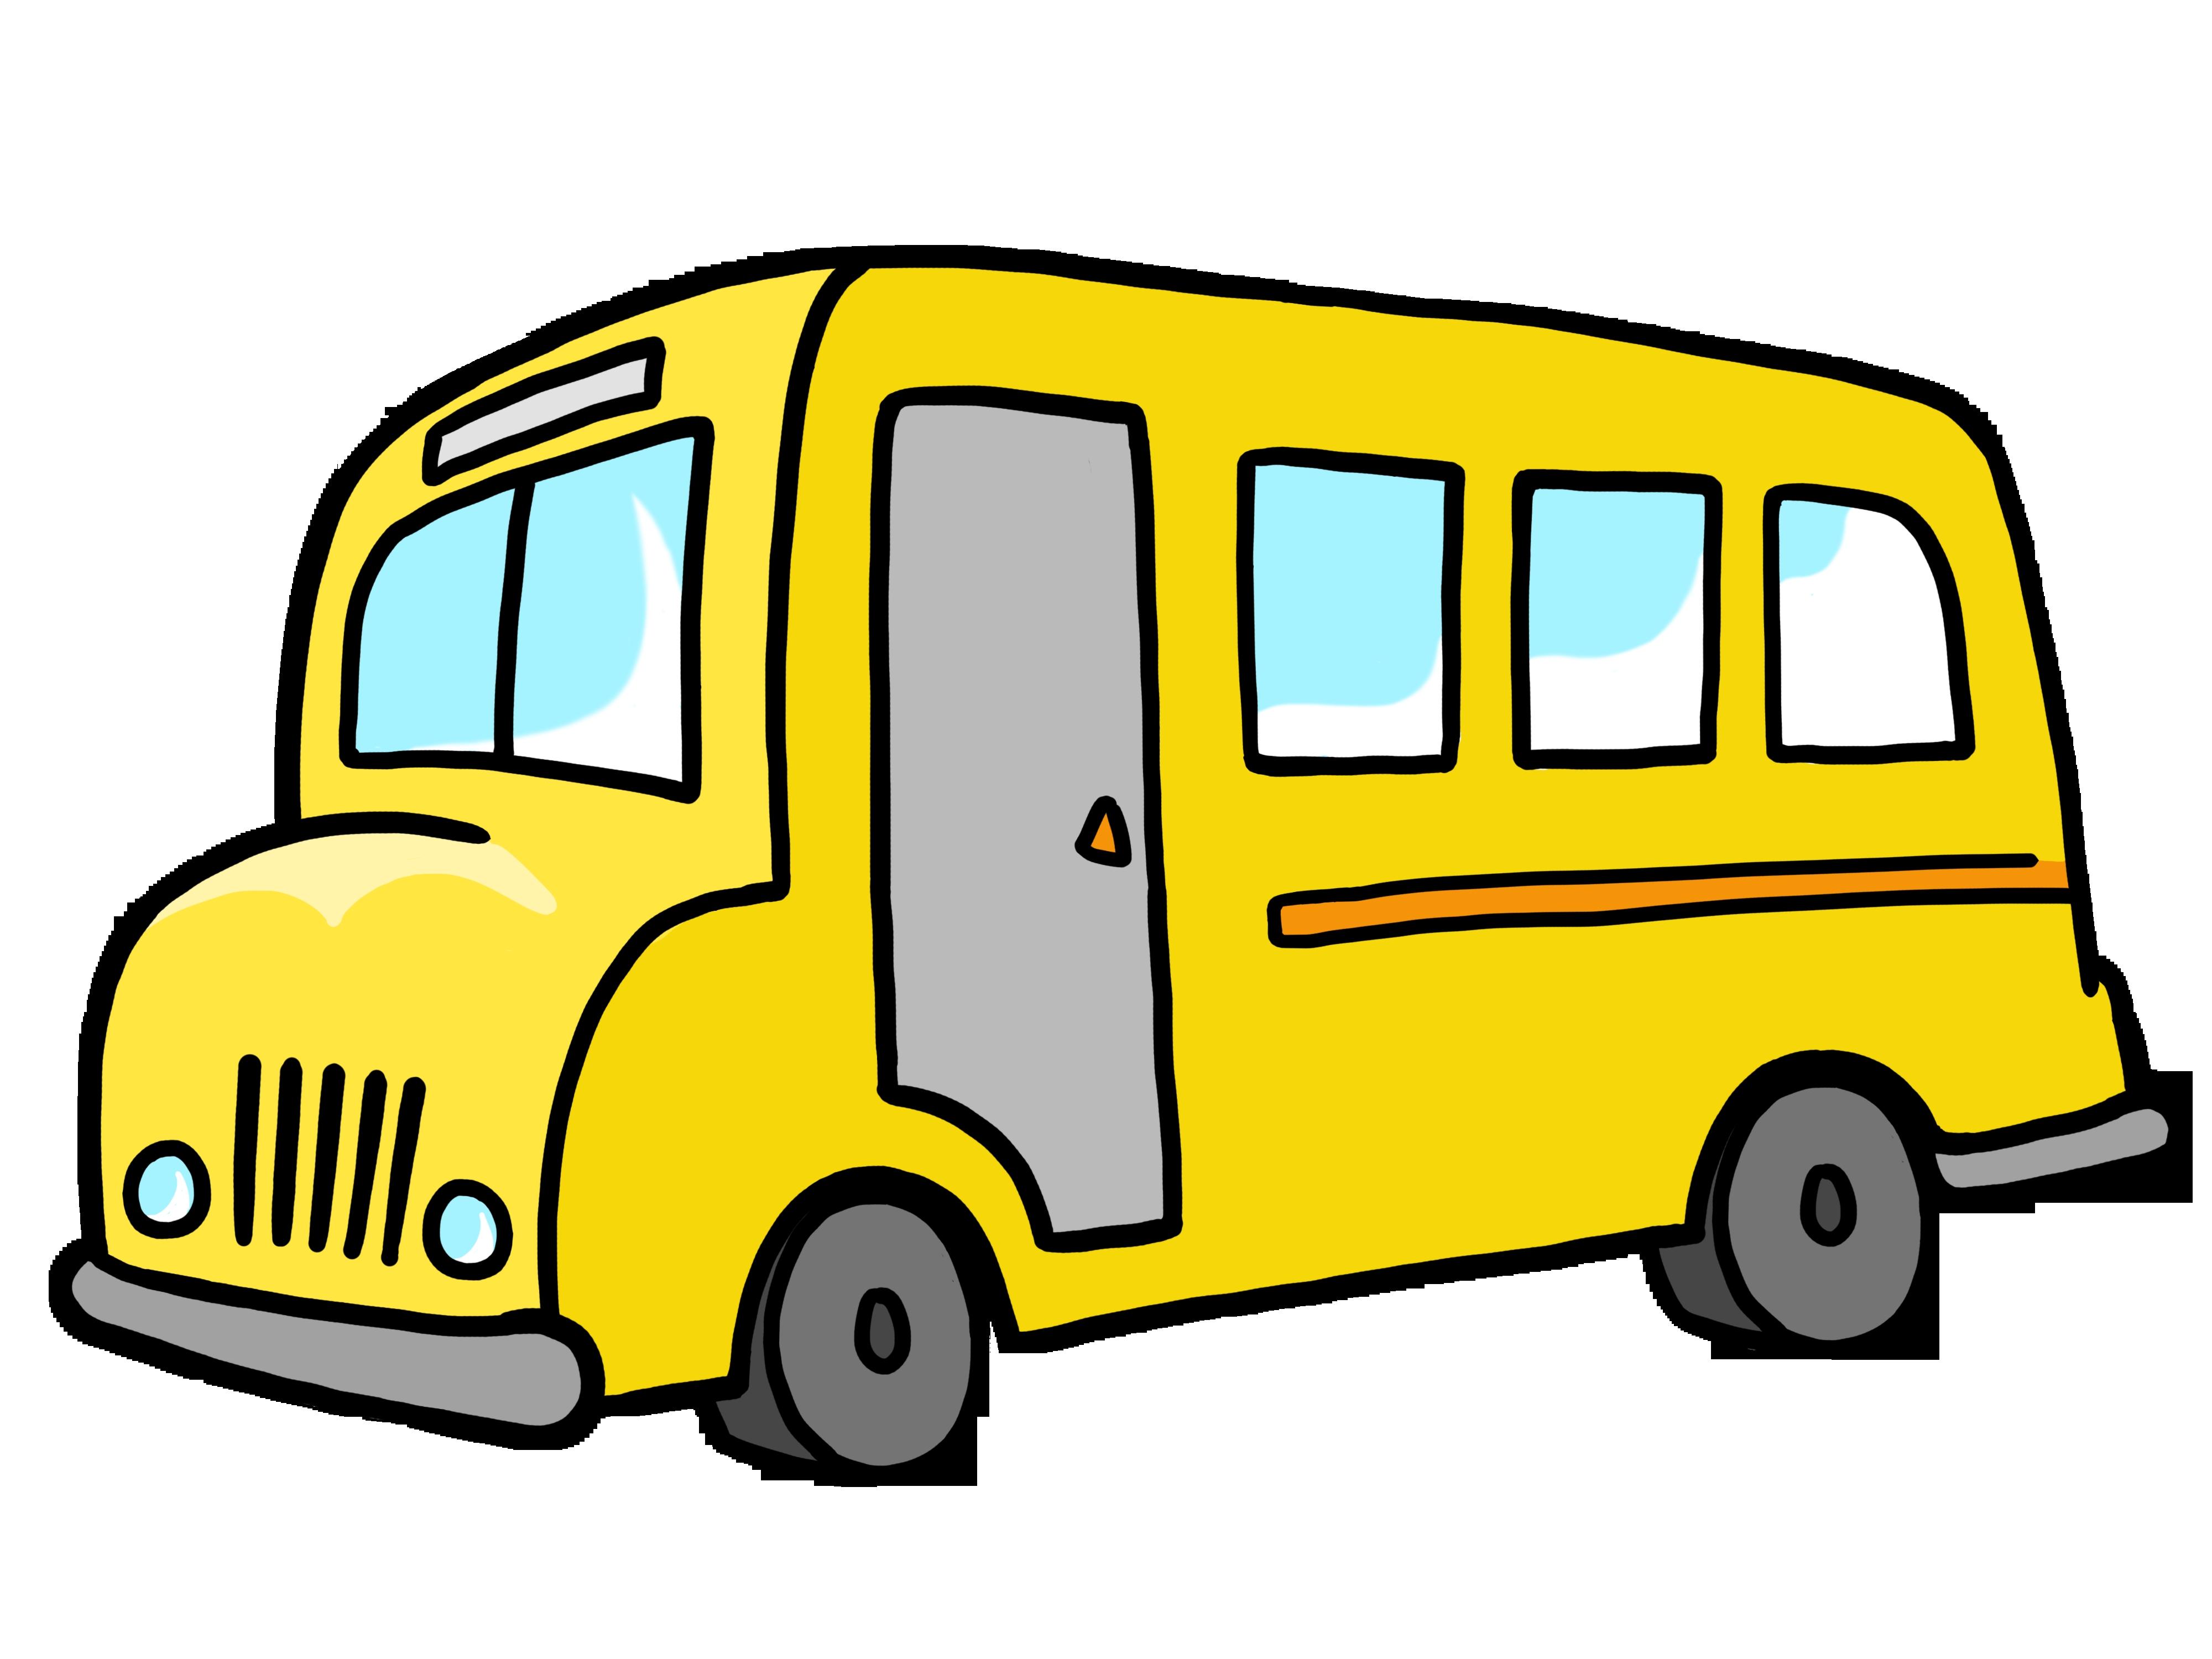 Bus clipart simple. Unique design digital collection